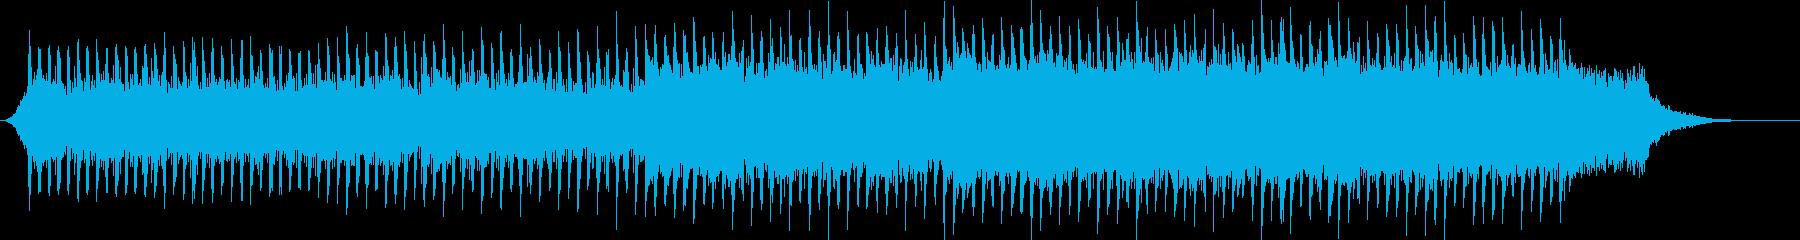 企業VP系26、爽やかギター4つ打ち5bの再生済みの波形